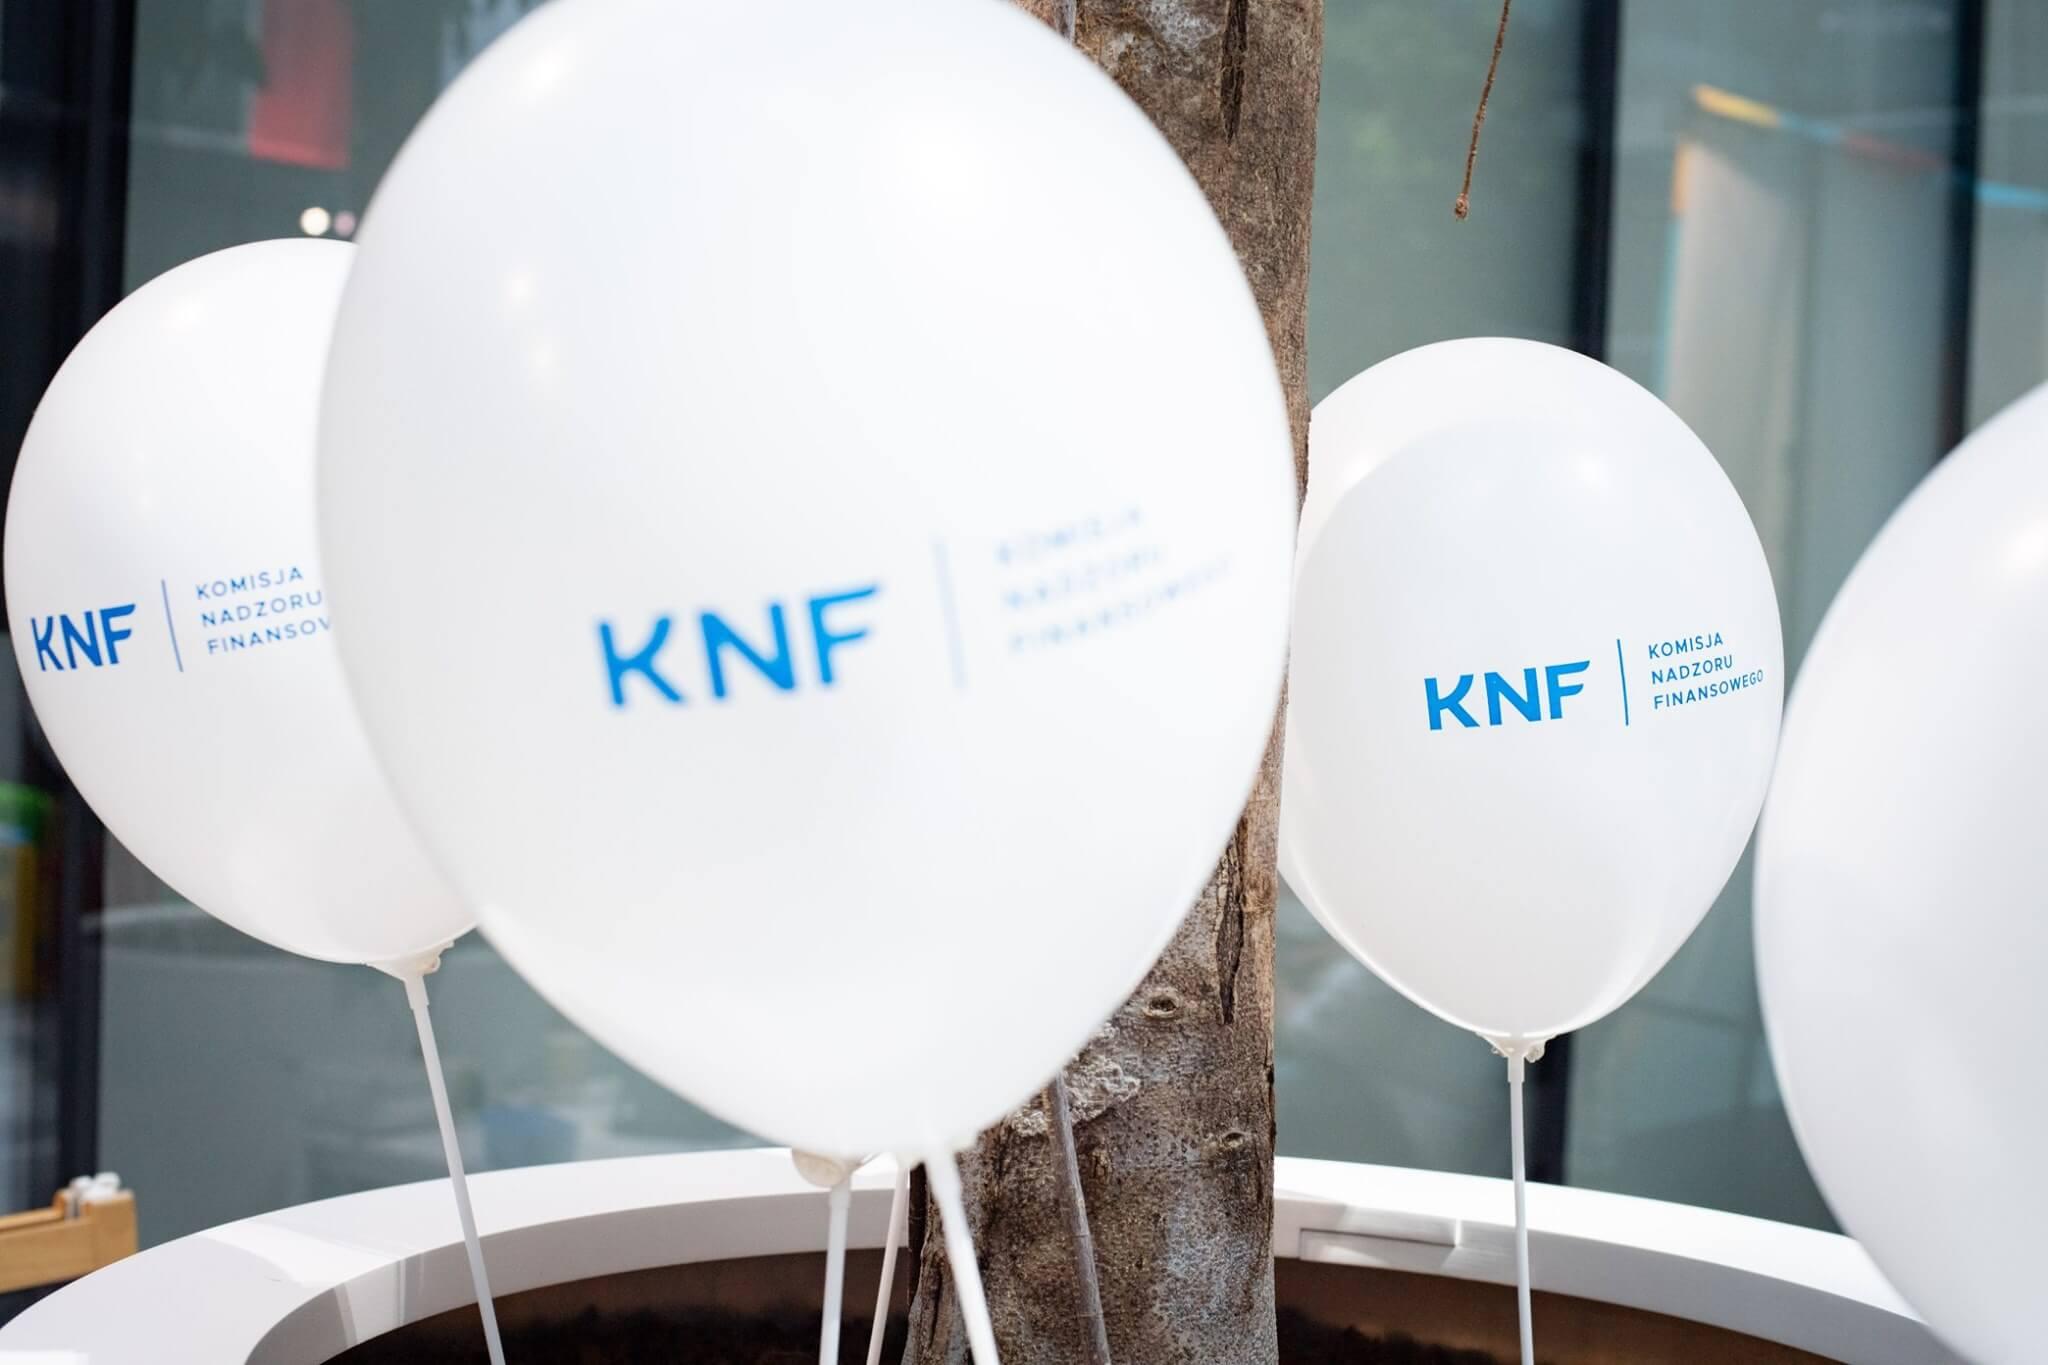 KNF publikuje stanowisko ws. usług doradztwa inwestycyjnego